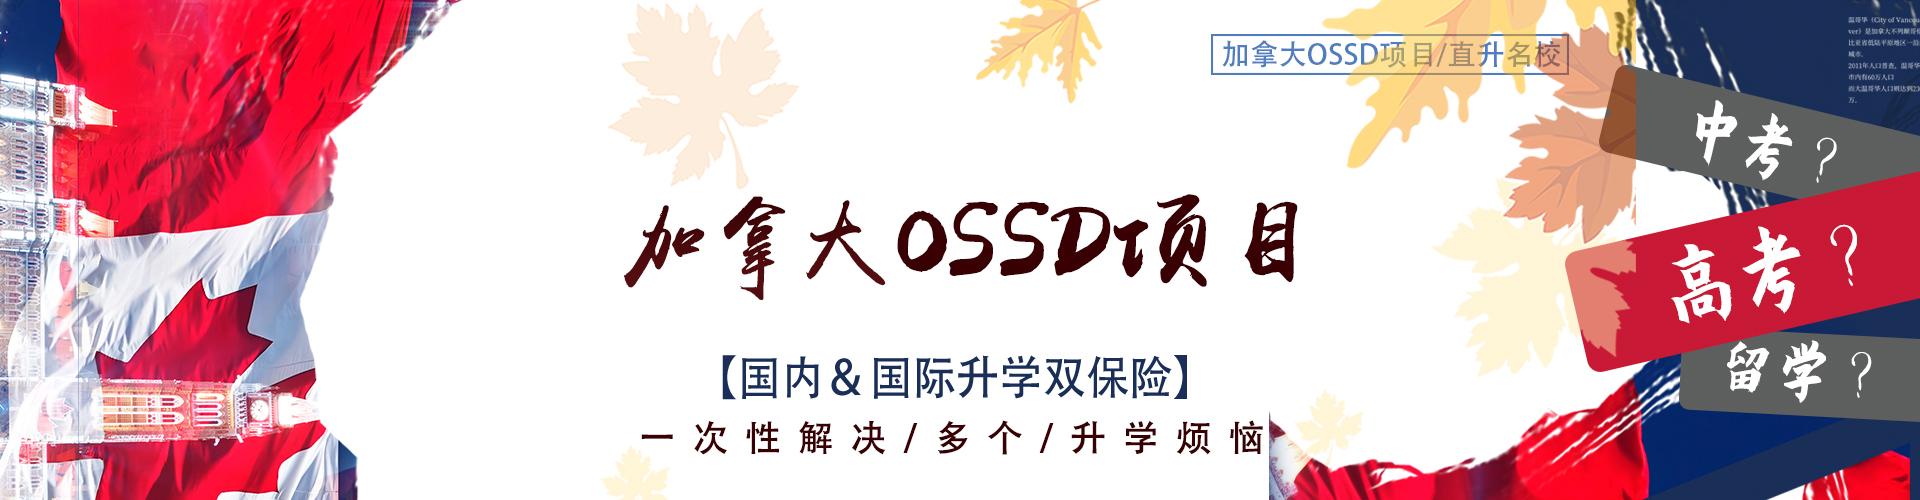 OSSD高考留学双保险